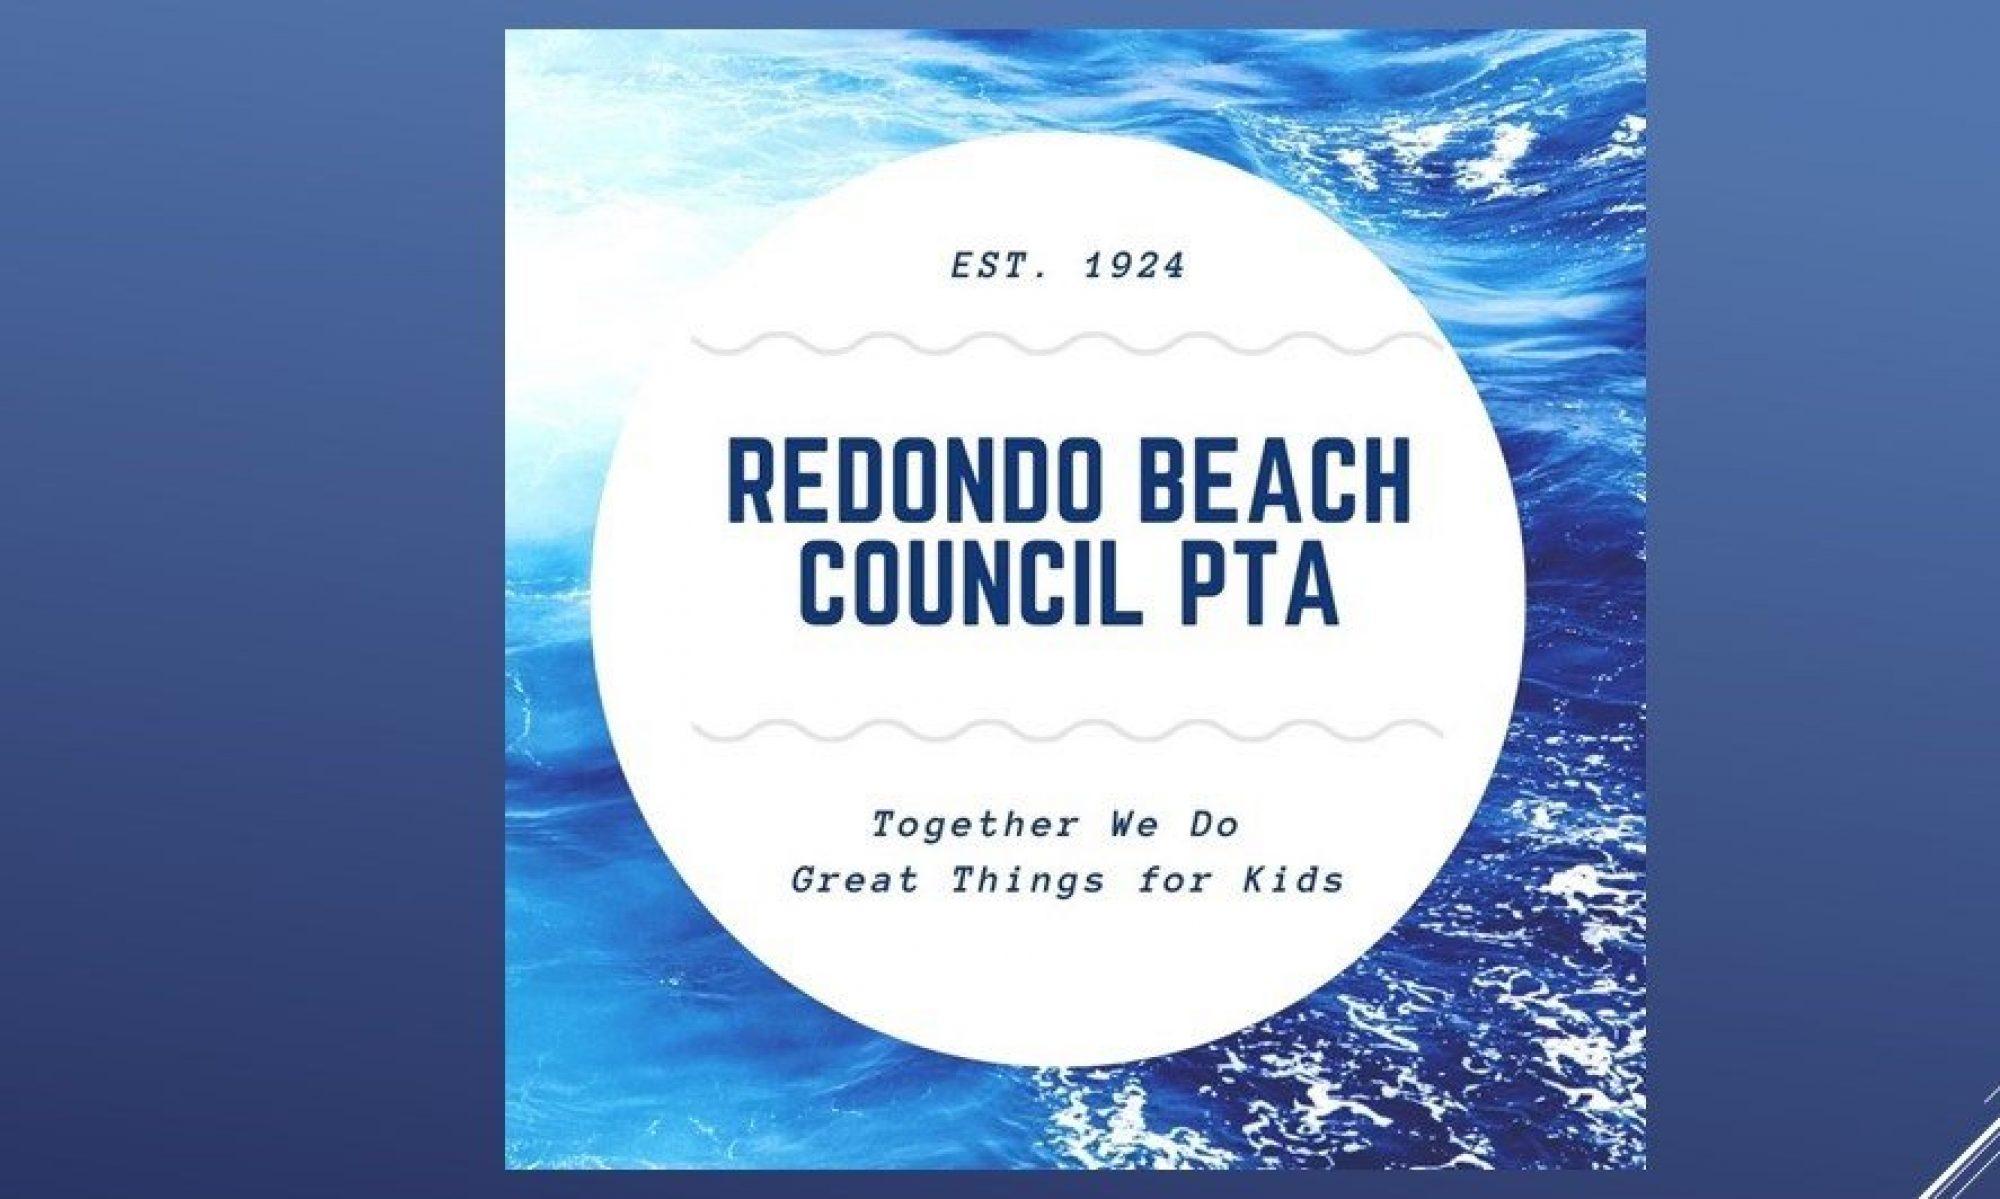 Redondo Beach Council PTA